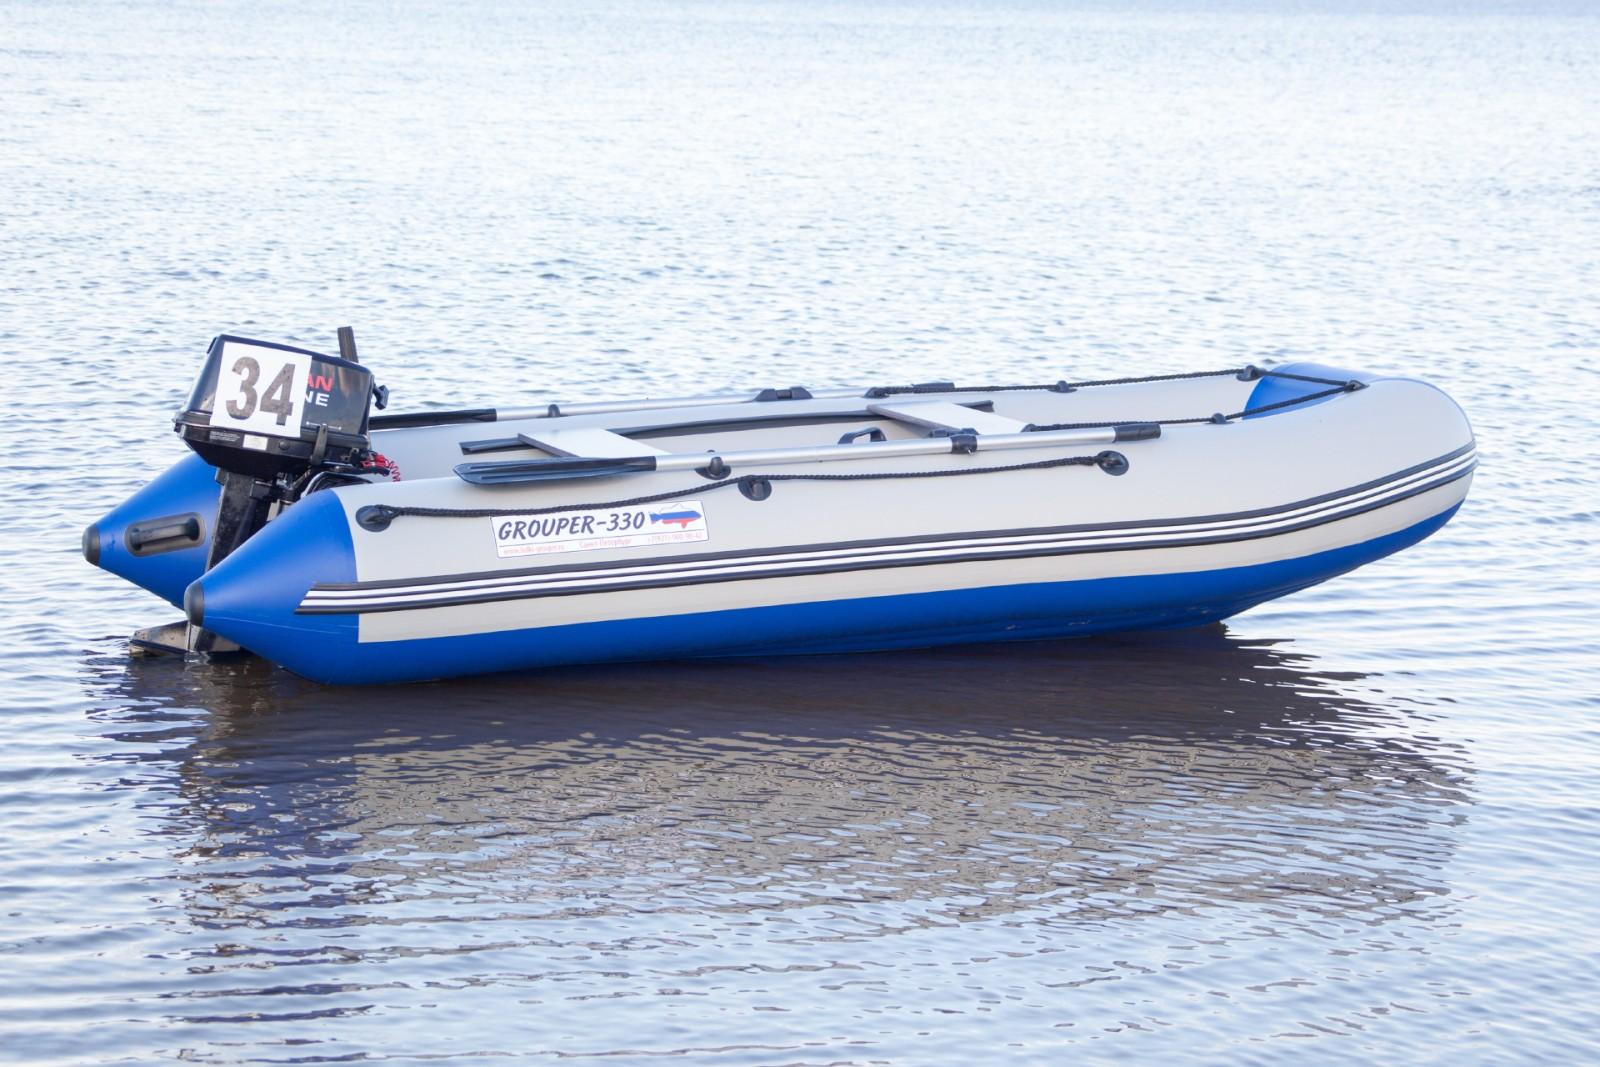 купит моторную лодку в мариуполе